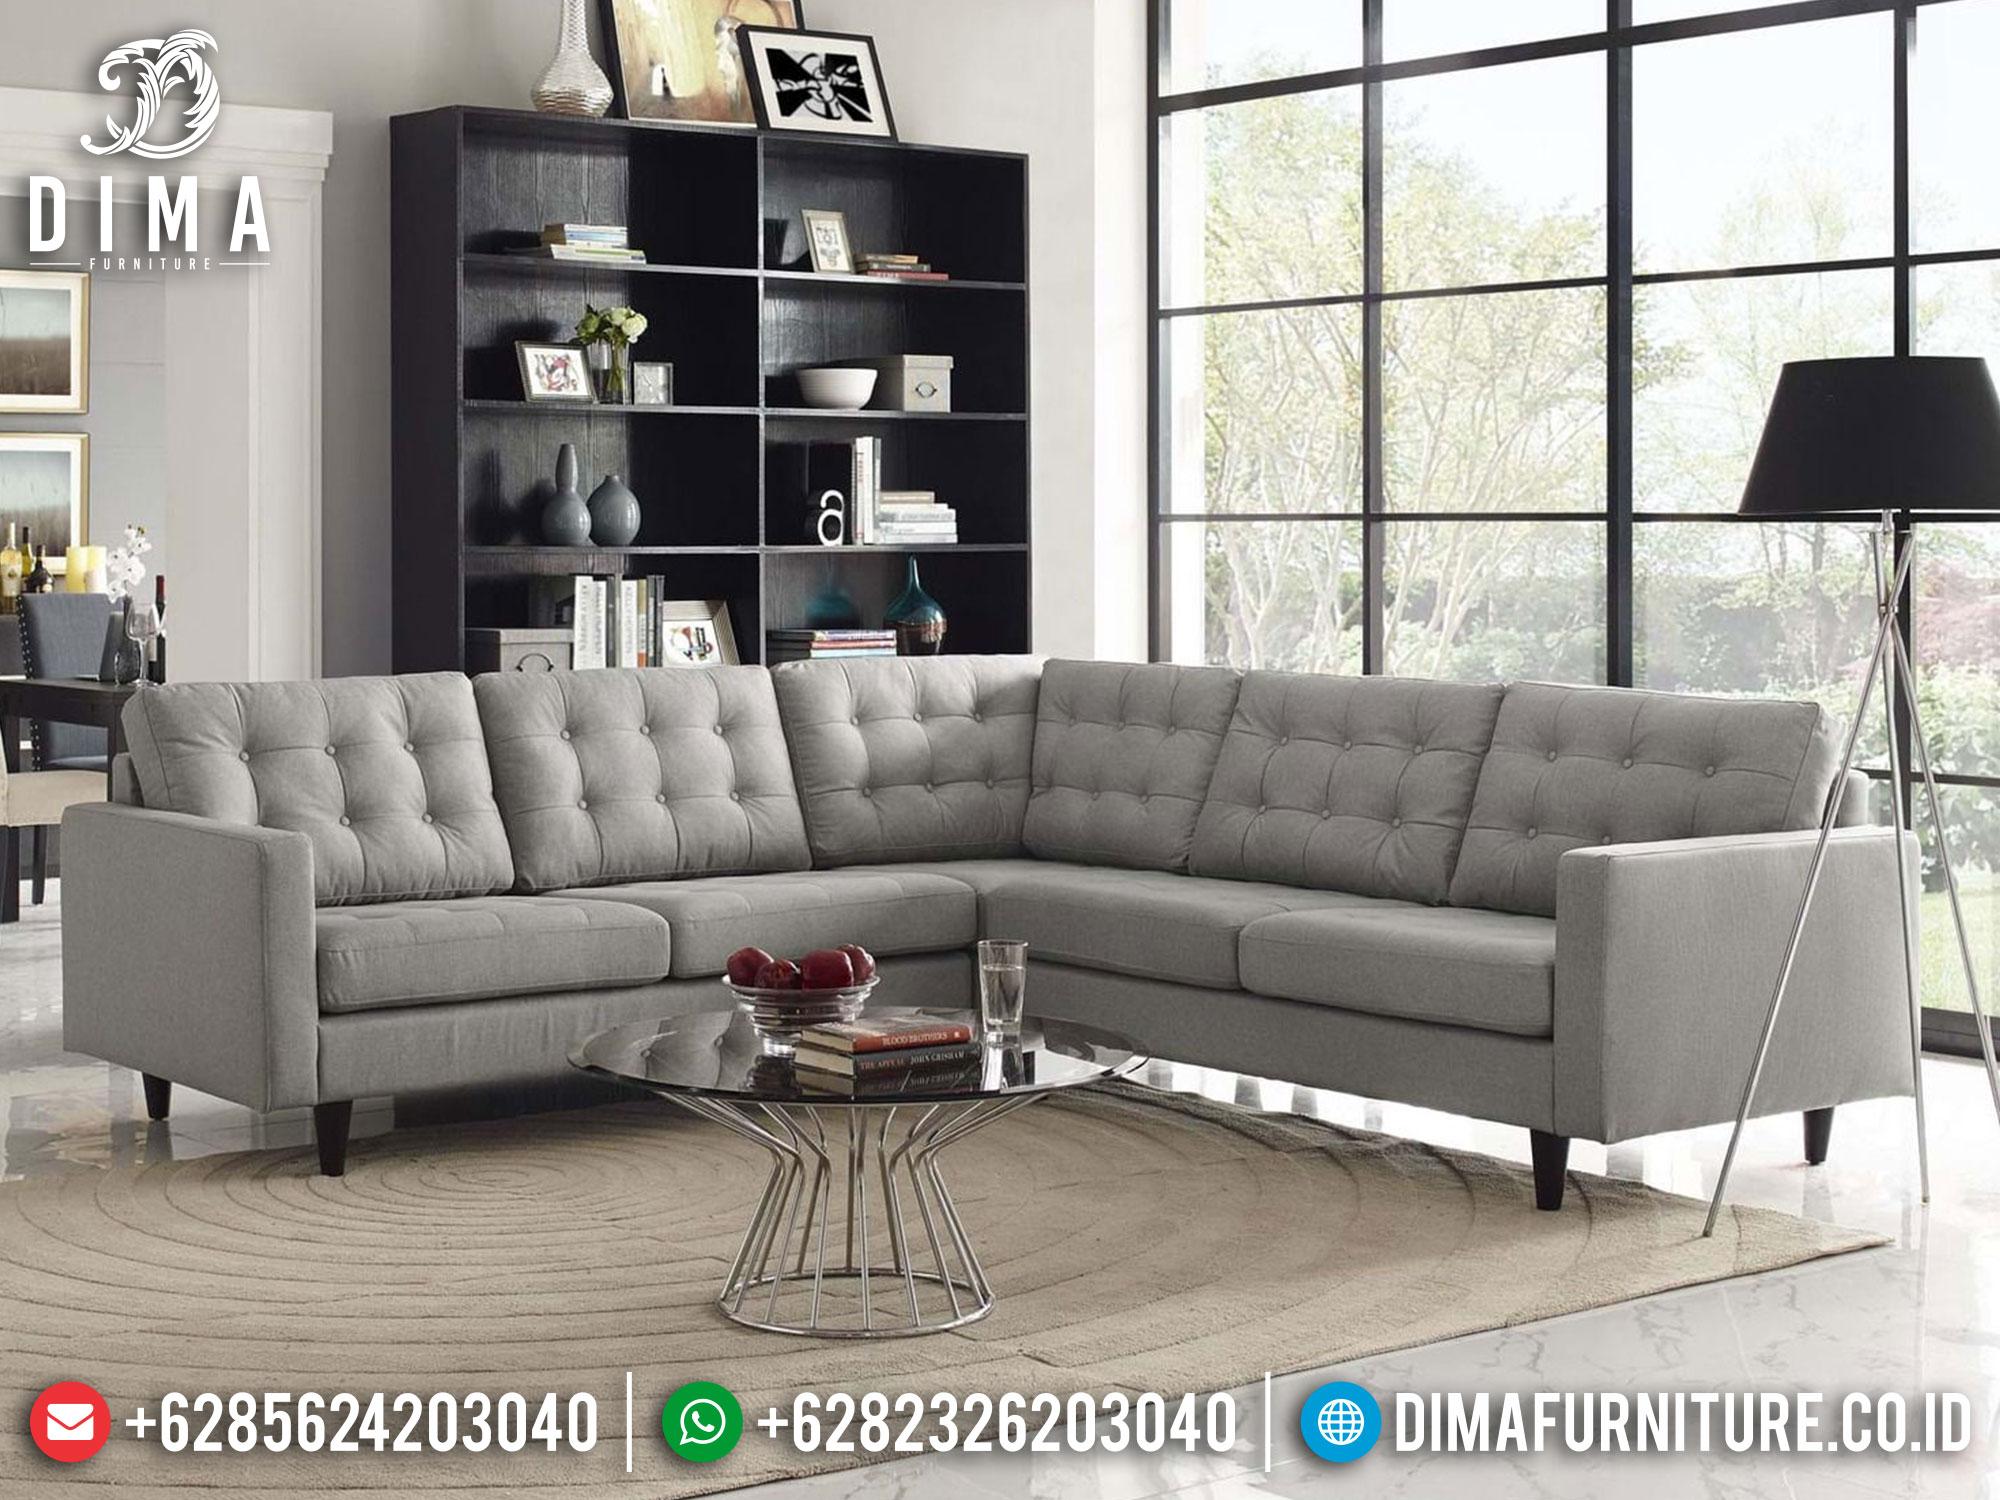 Sofa Tamu Minimalis Jepara Classic Luxury Design Best Quality Item ST-1263